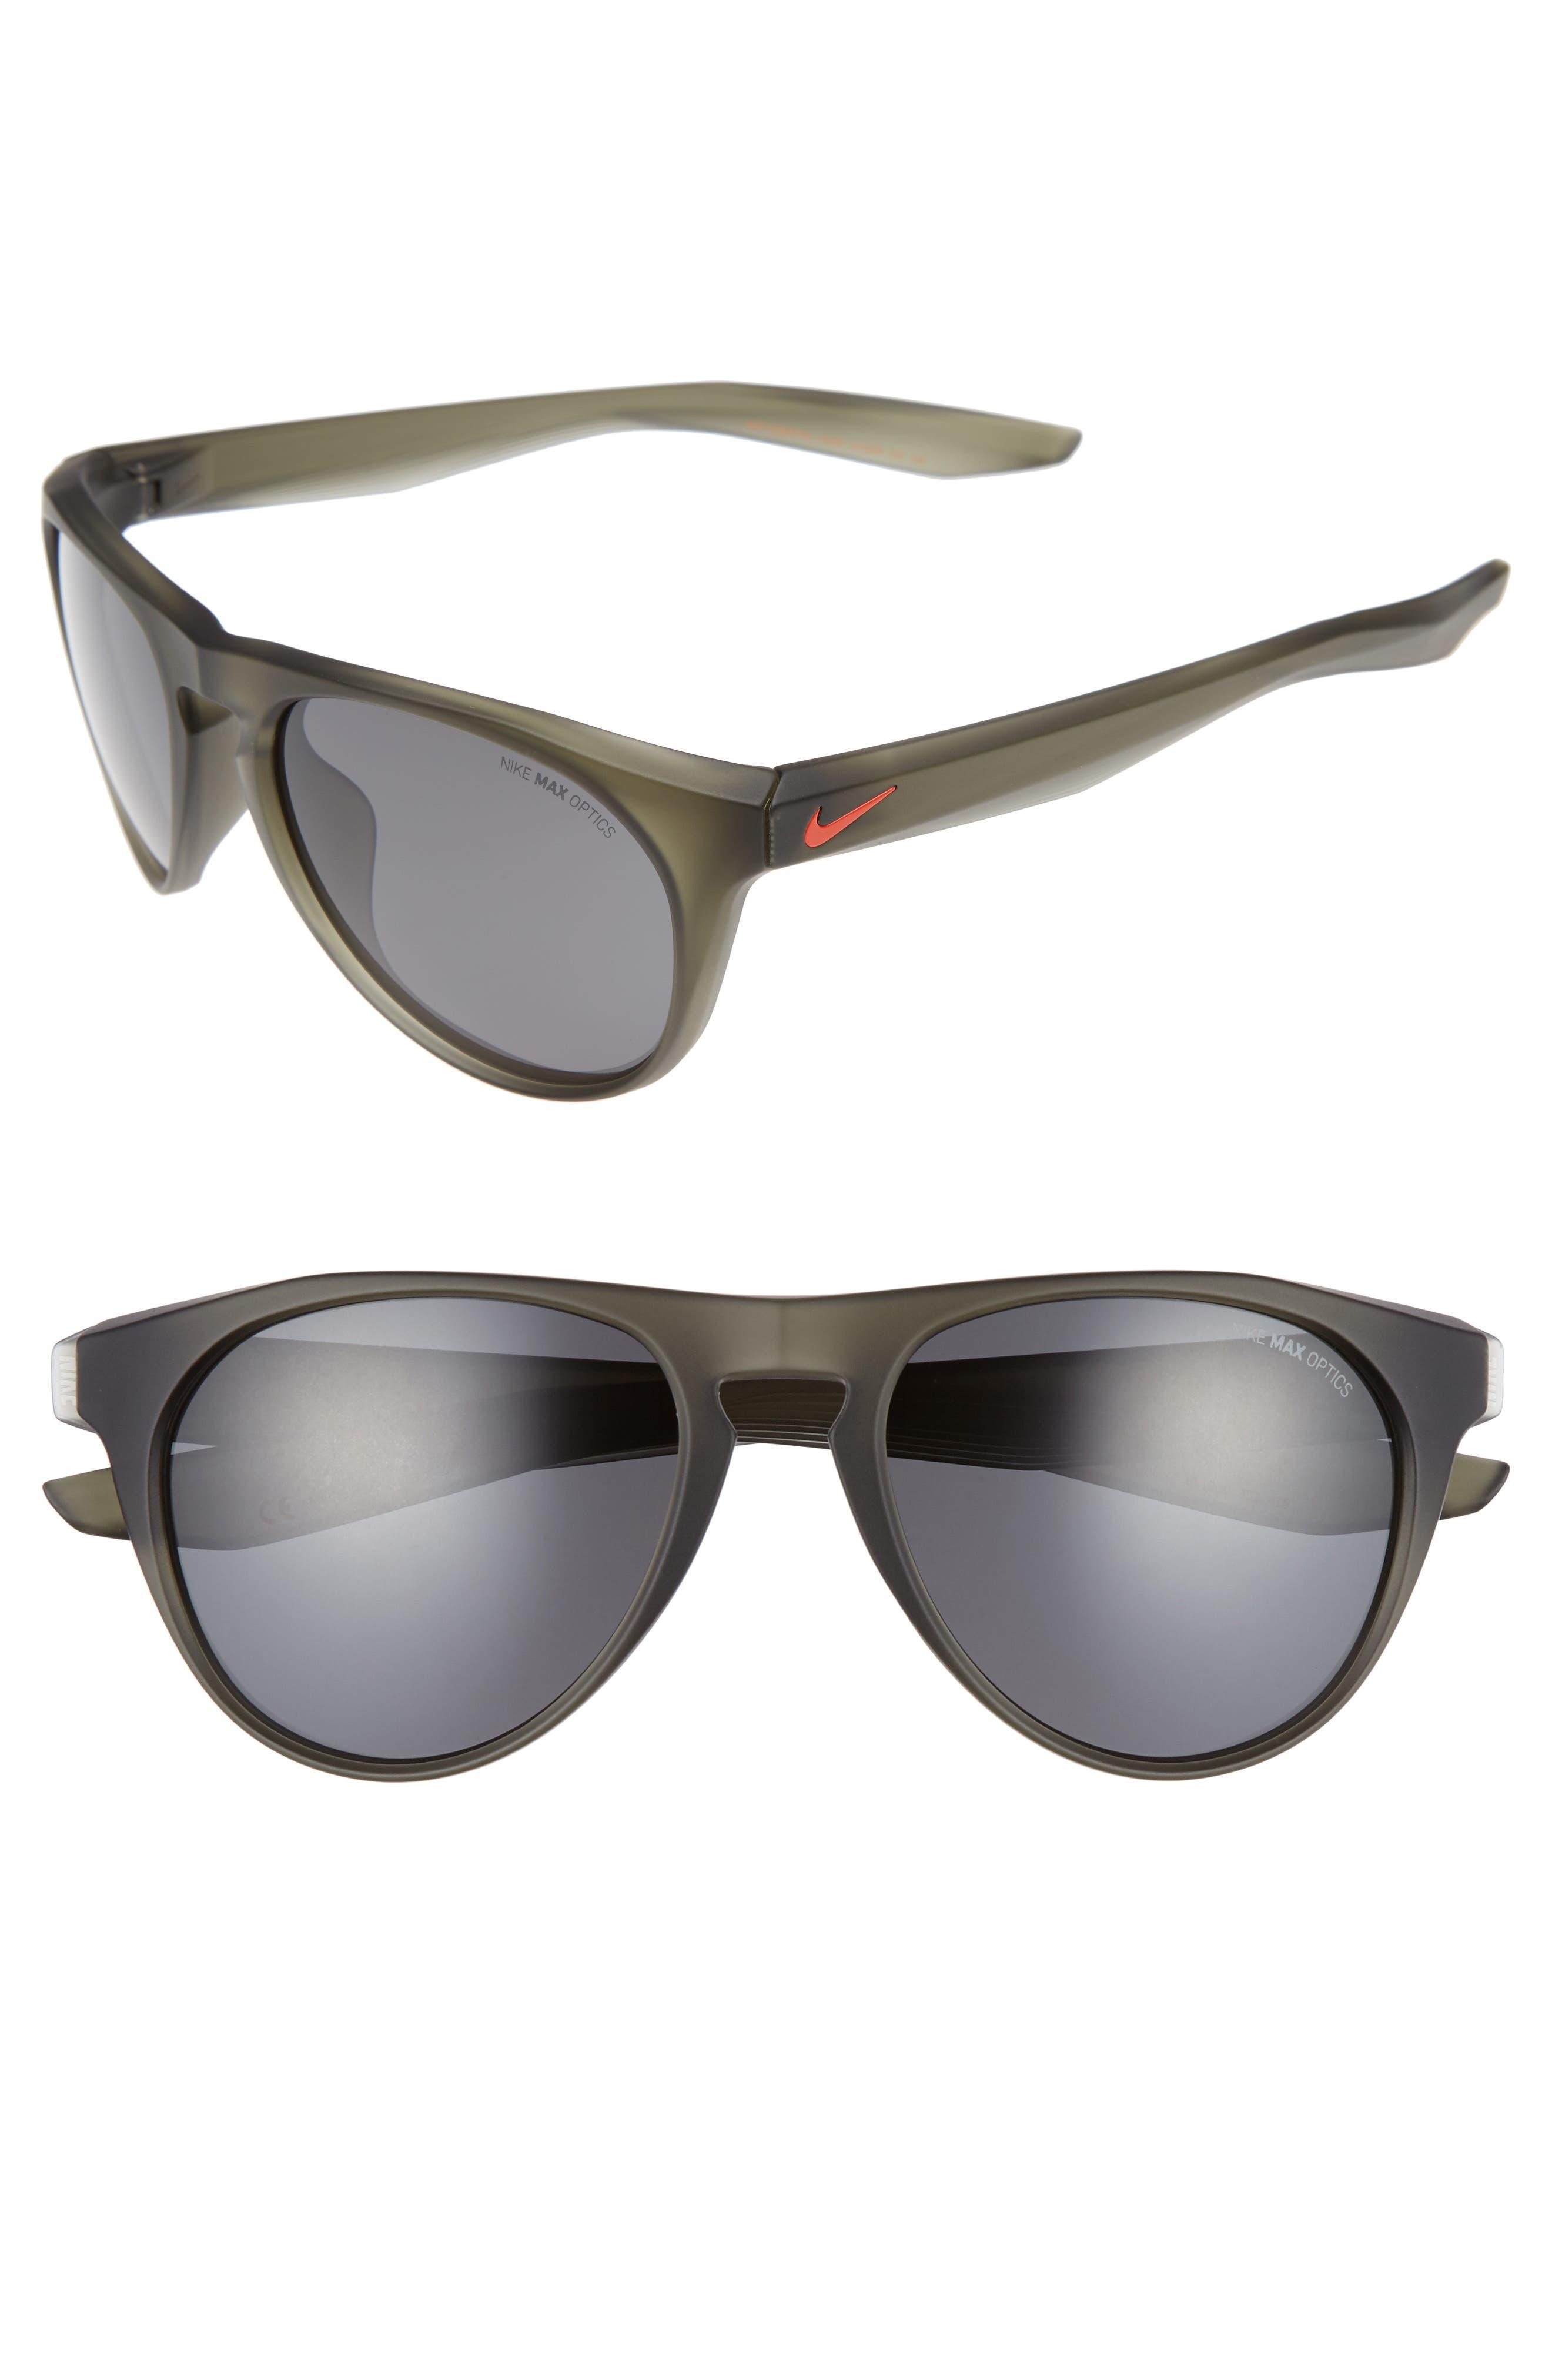 Essential Jaunt 56mm Sunglasses,                         Main,                         color, Matte Cargo Khaki